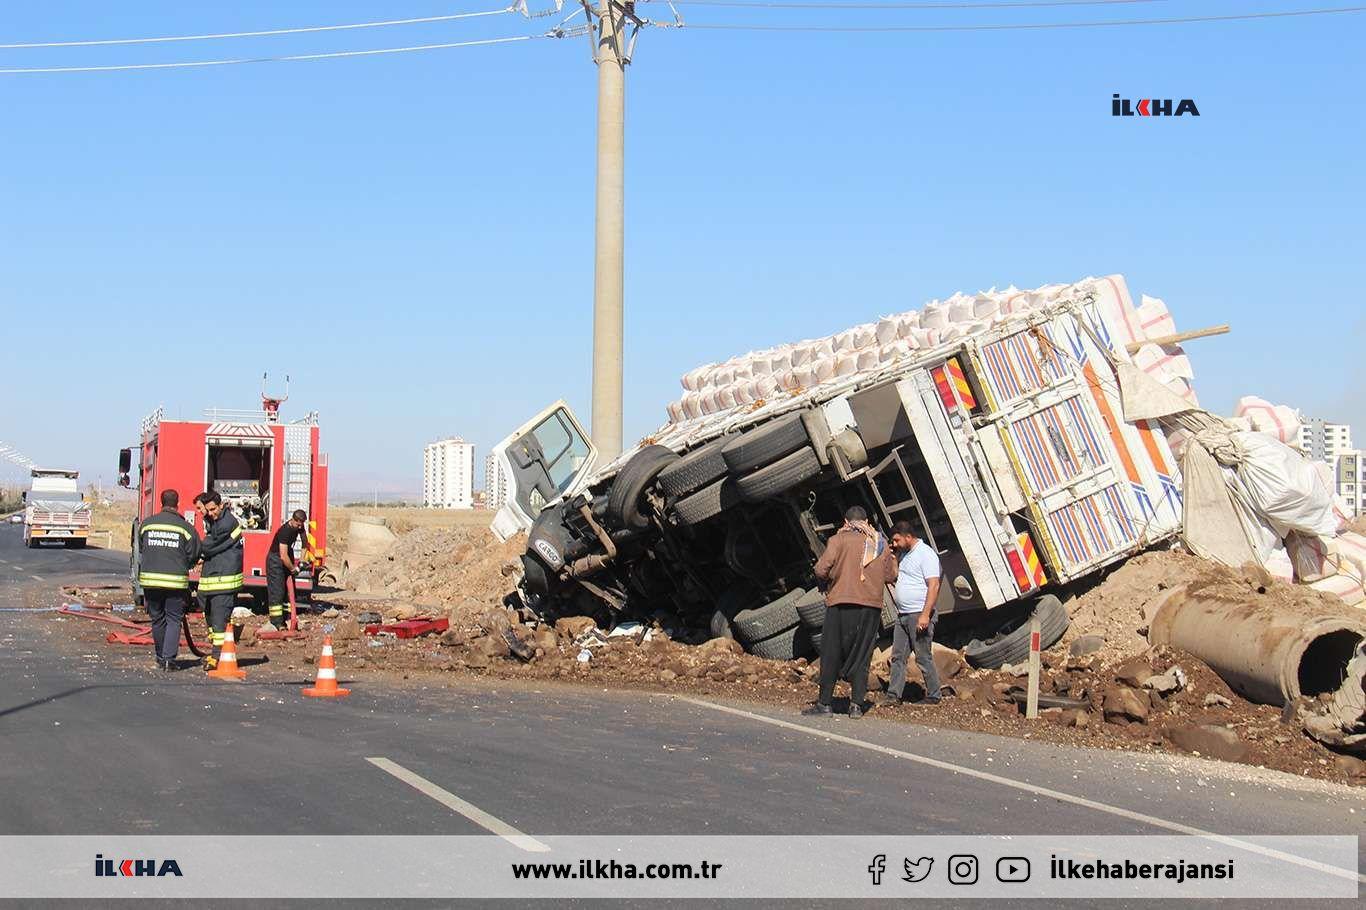 Diyarbakırda trafik kazası: 3 yaralı